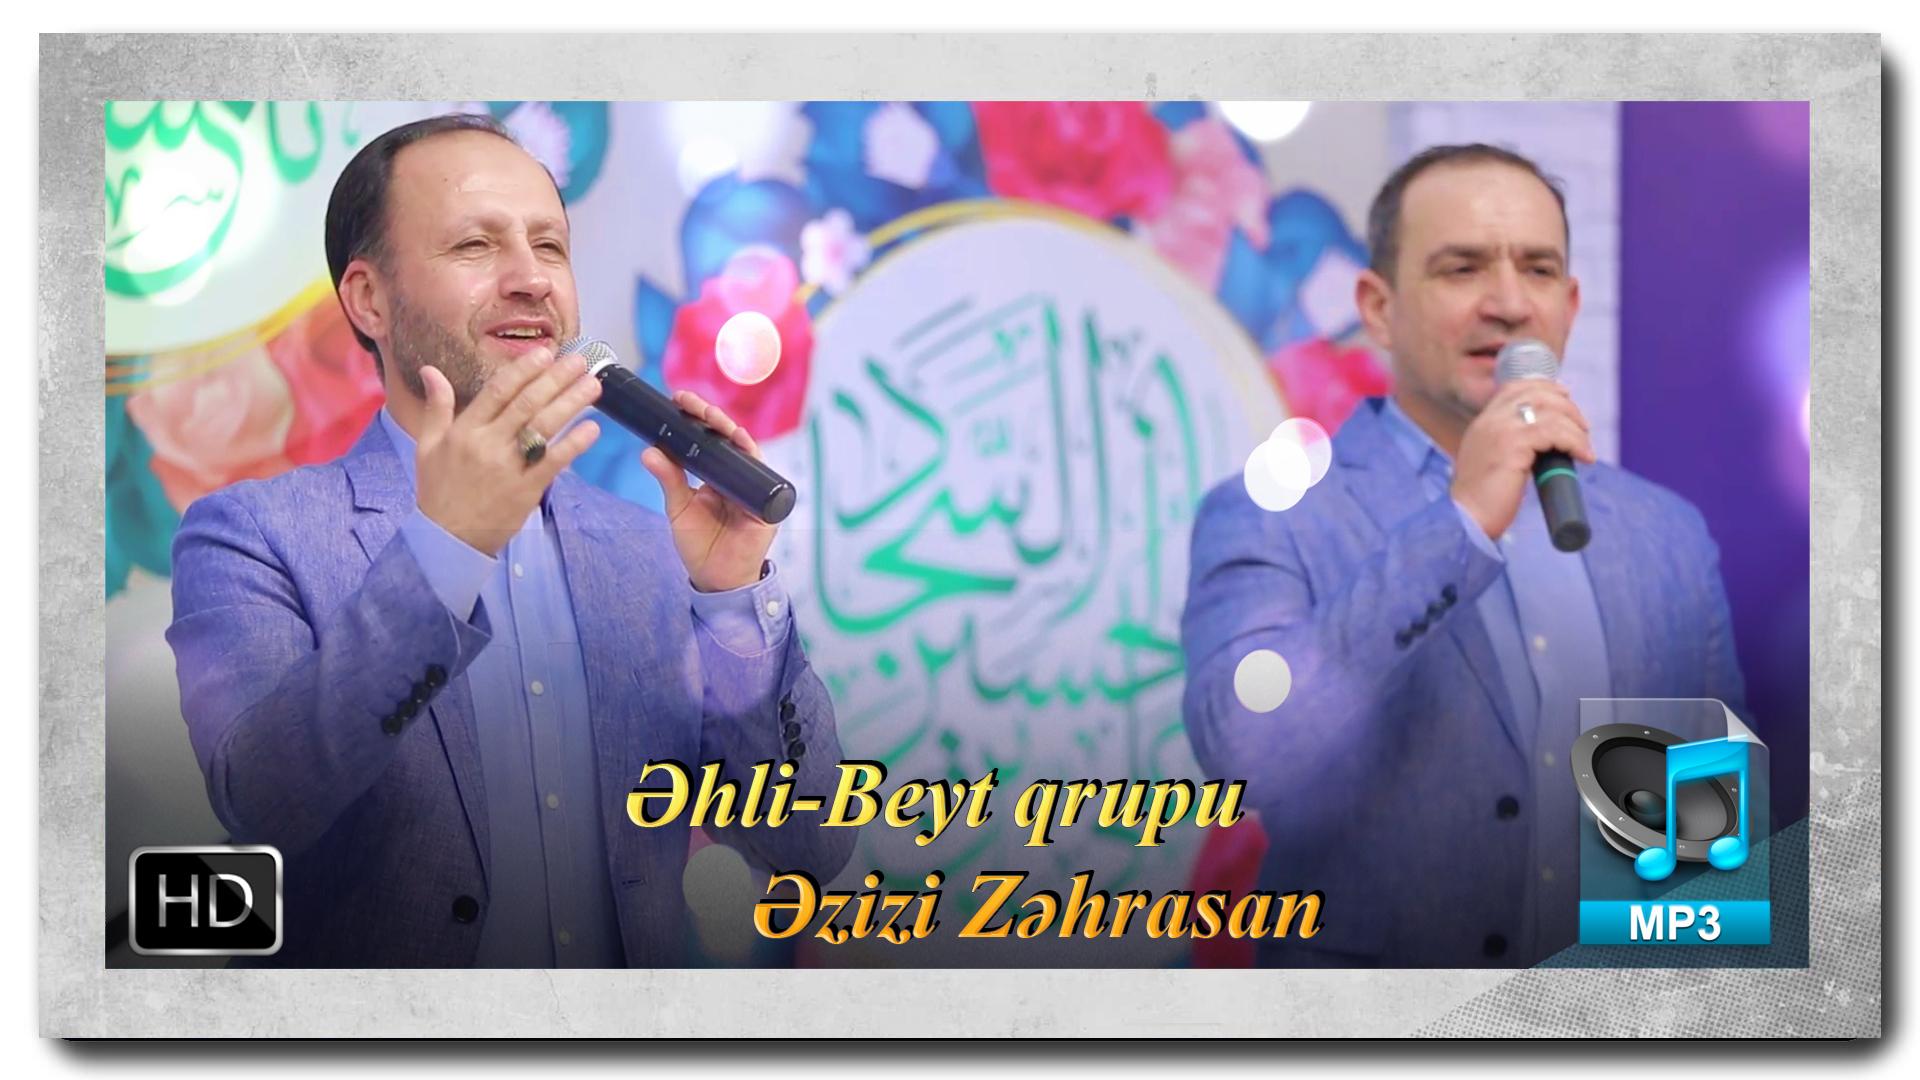 Əhli-Beyt qrupu | Əzizi Zəharsan |